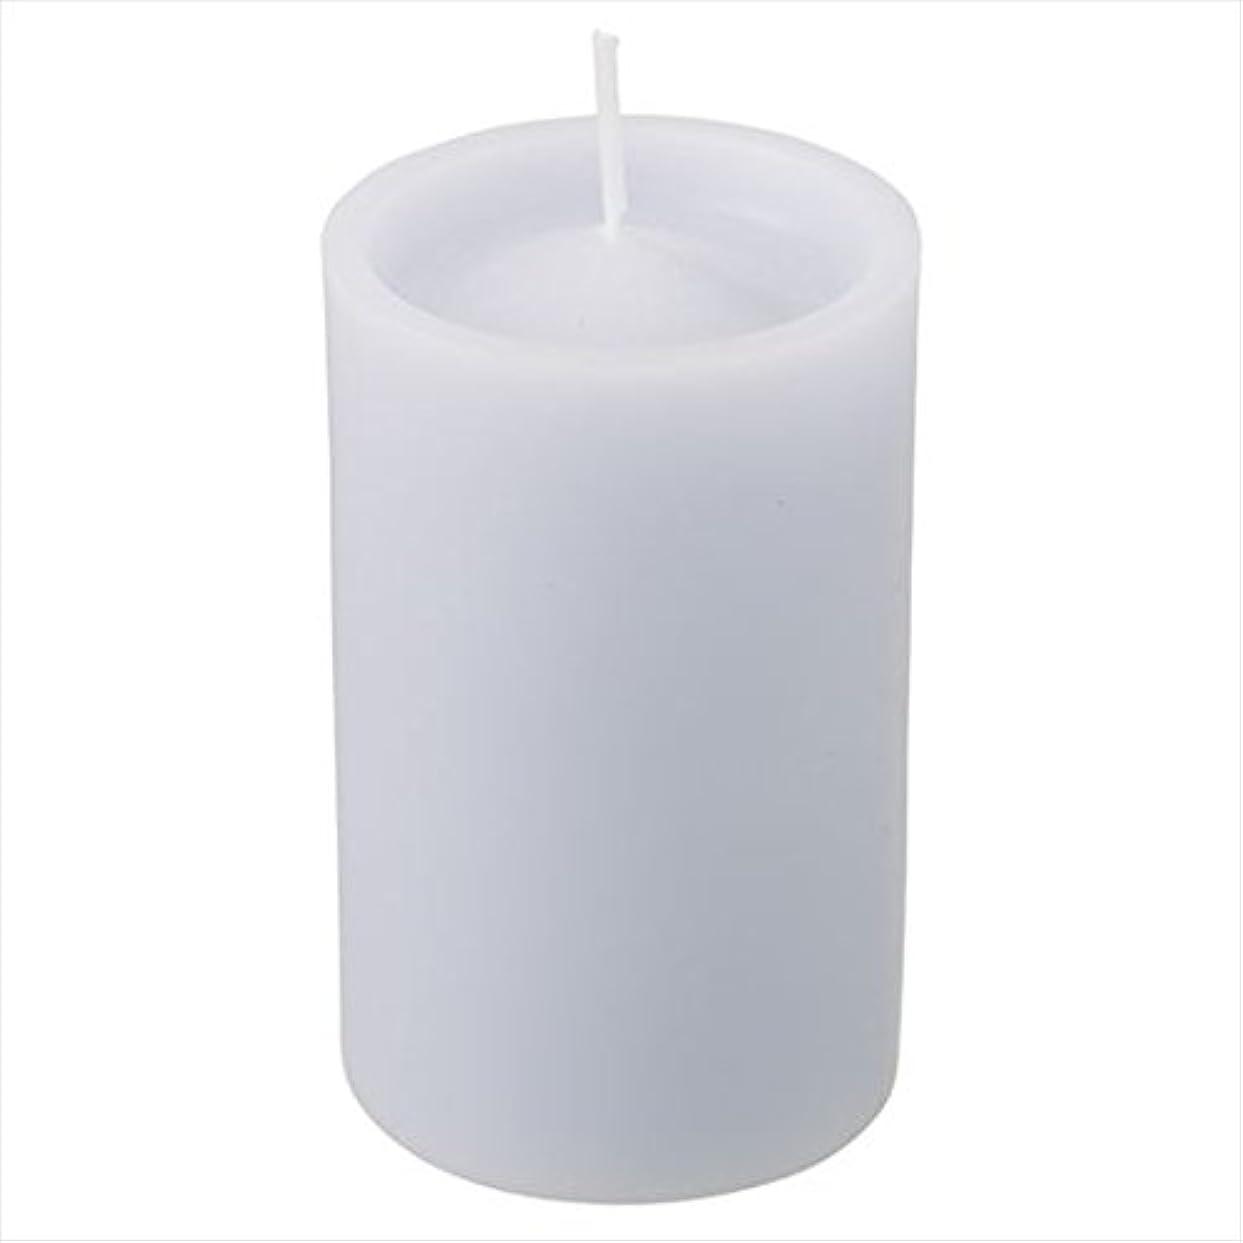 有益なローブぐるぐるカメヤマキャンドル( kameyama candle ) ロイヤルラウンド60 「 グレー 」